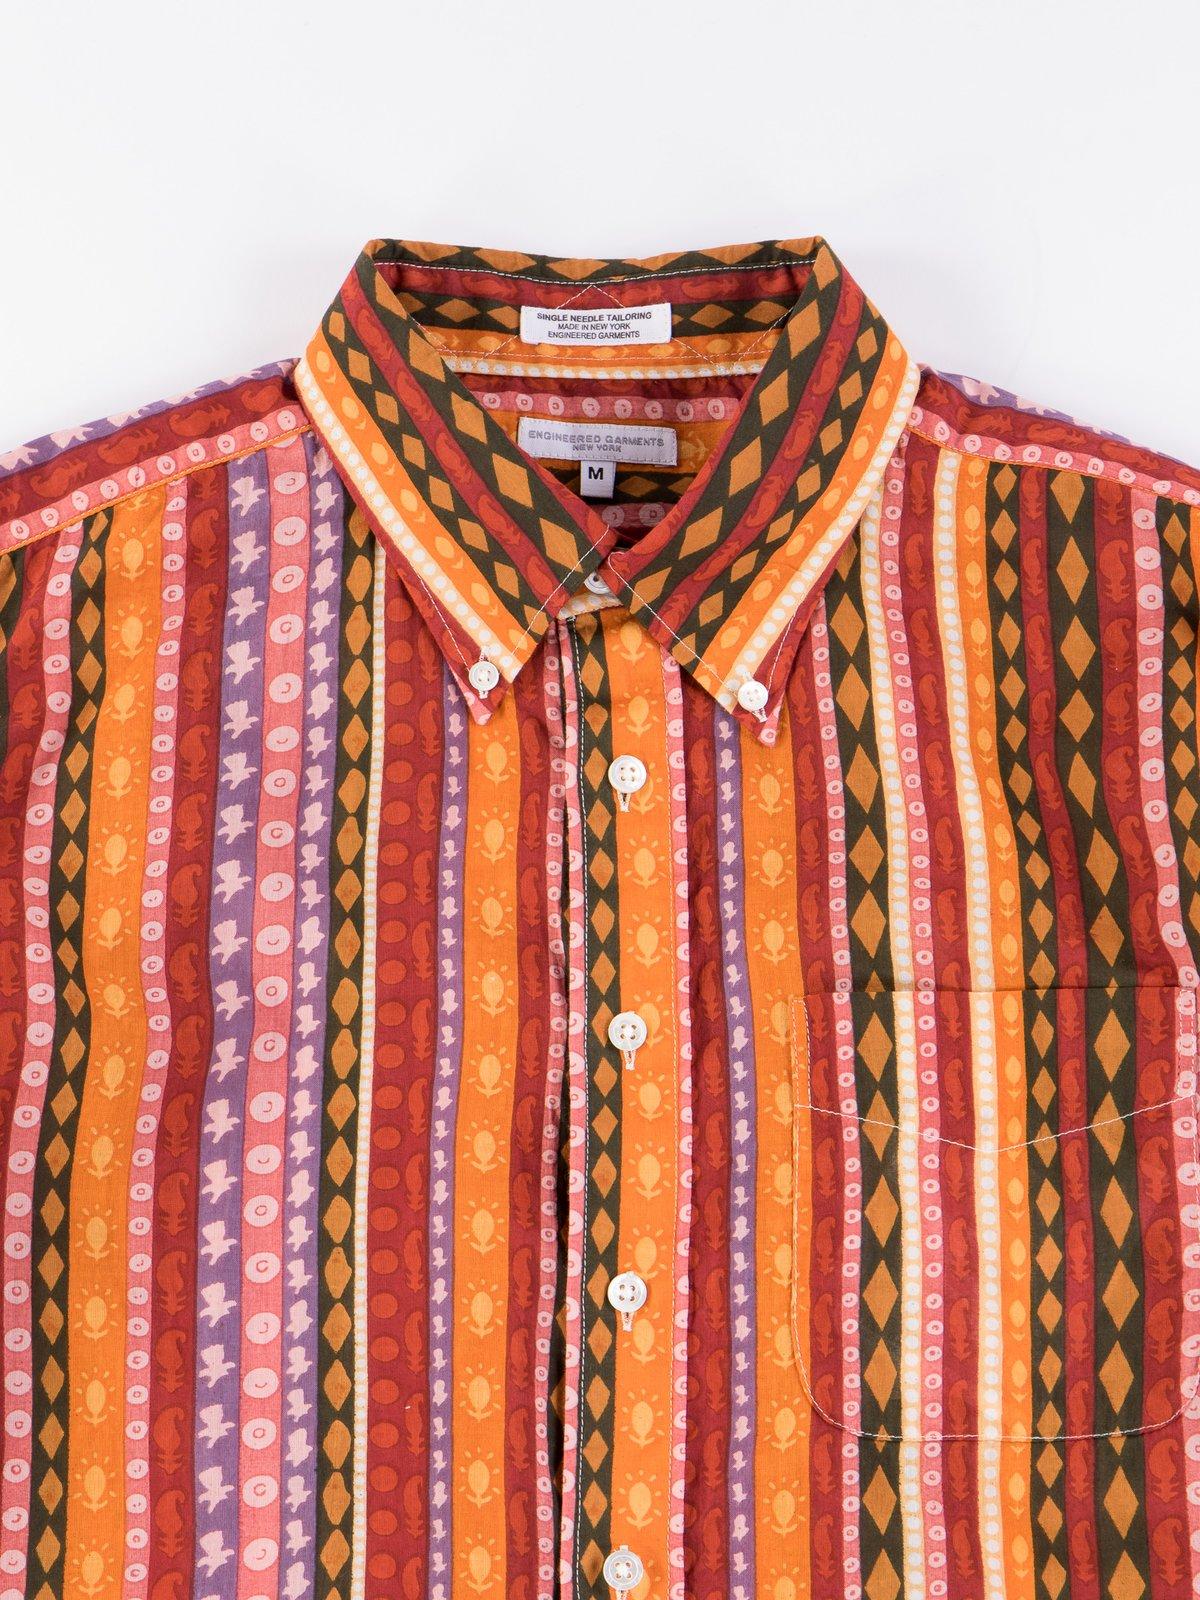 Orange Cotton Lawn Batik Stripe 19th Century BD Shirt - Image 4